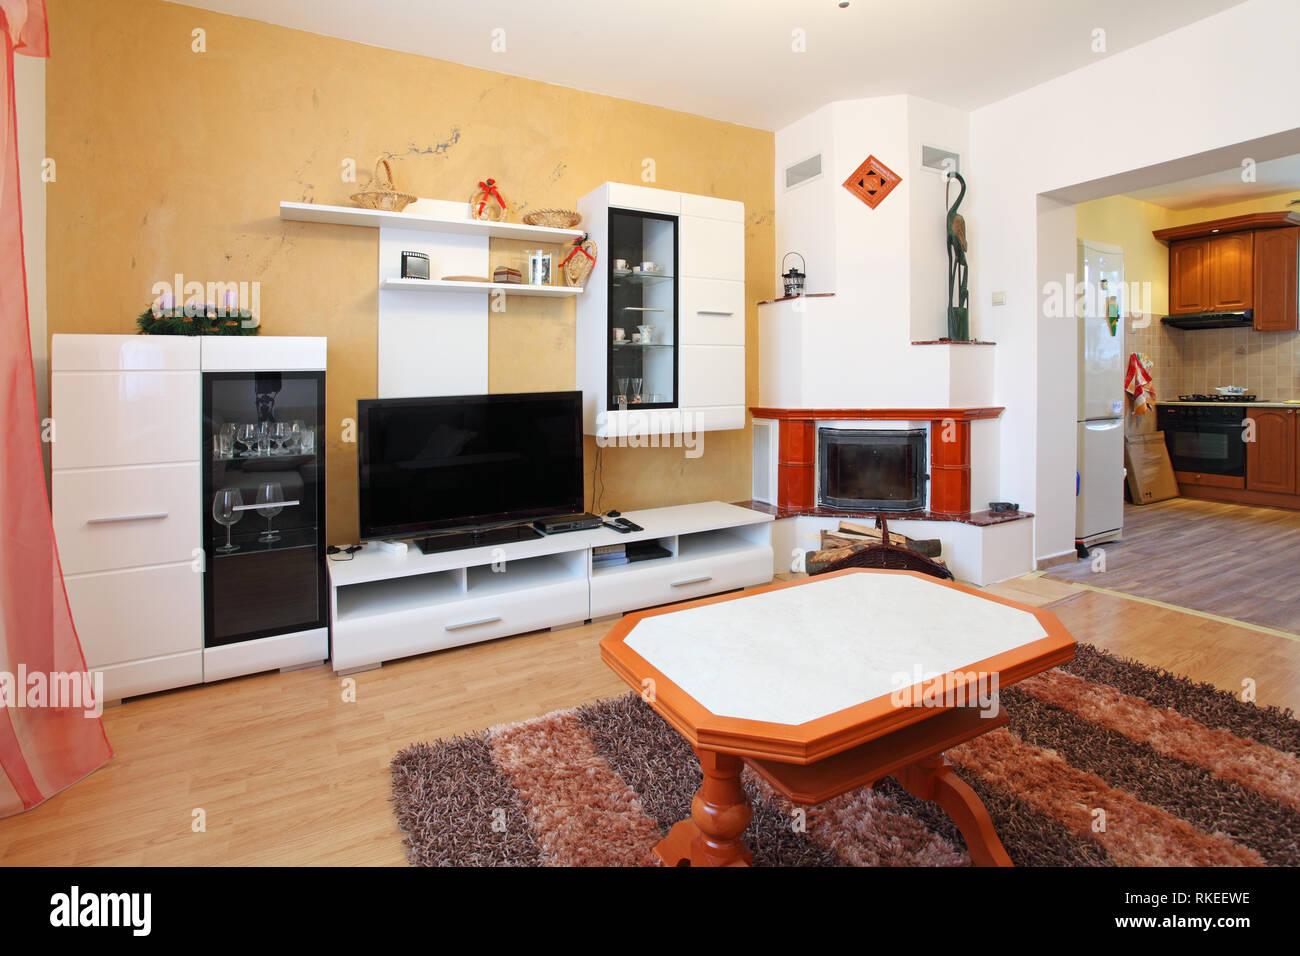 Schönes Wohnzimmer mit Kamin Stockfoto, Bild: 235732266 - Alamy